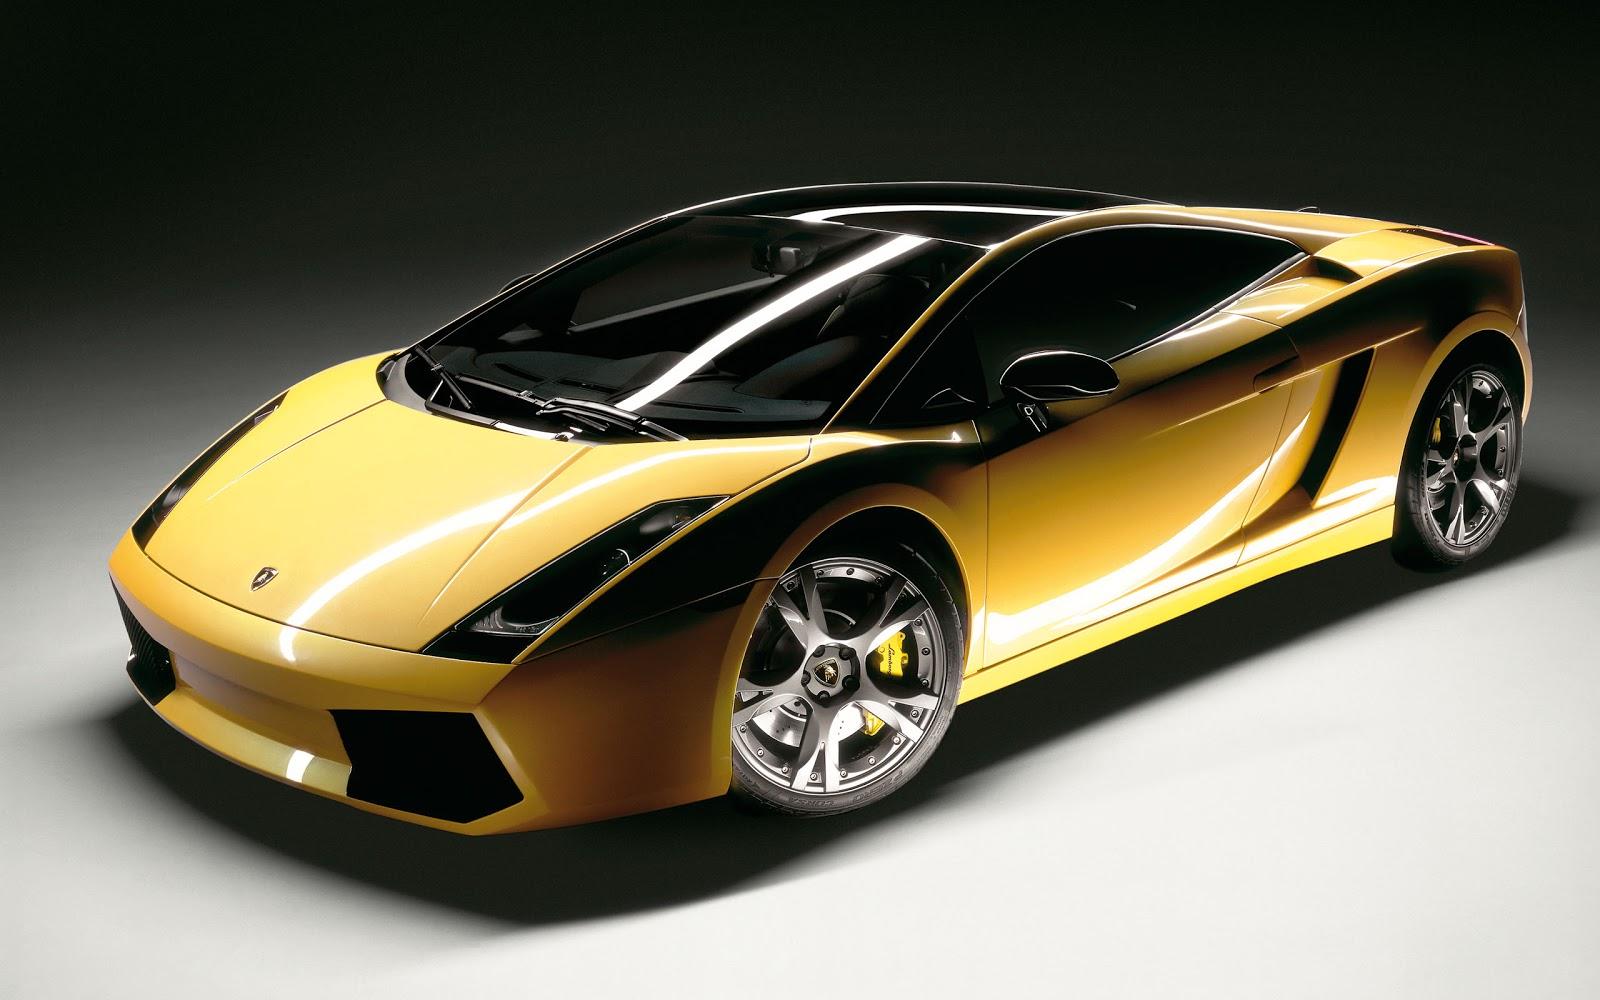 Hot Cars Lamborghini Gallardo Yellow Color